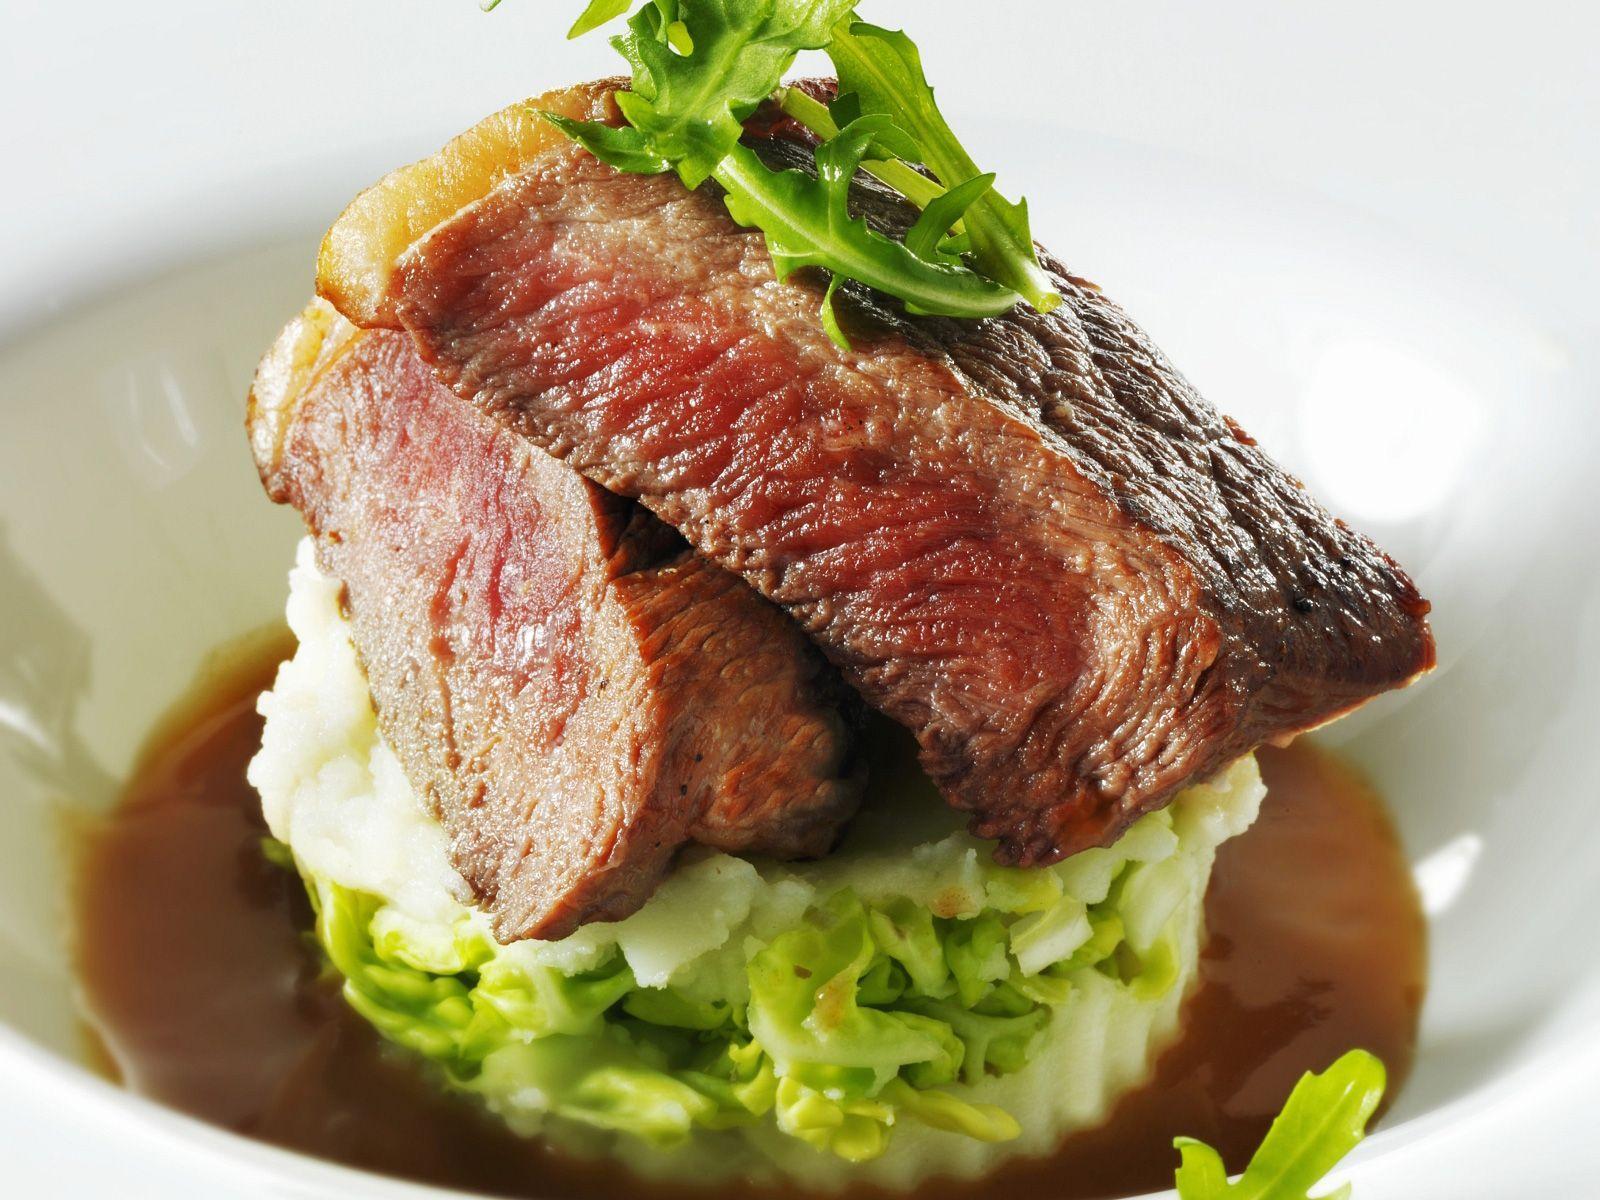 Rindersteak auf Kartoffel-Rucola-Püree #beefsteakrecipe